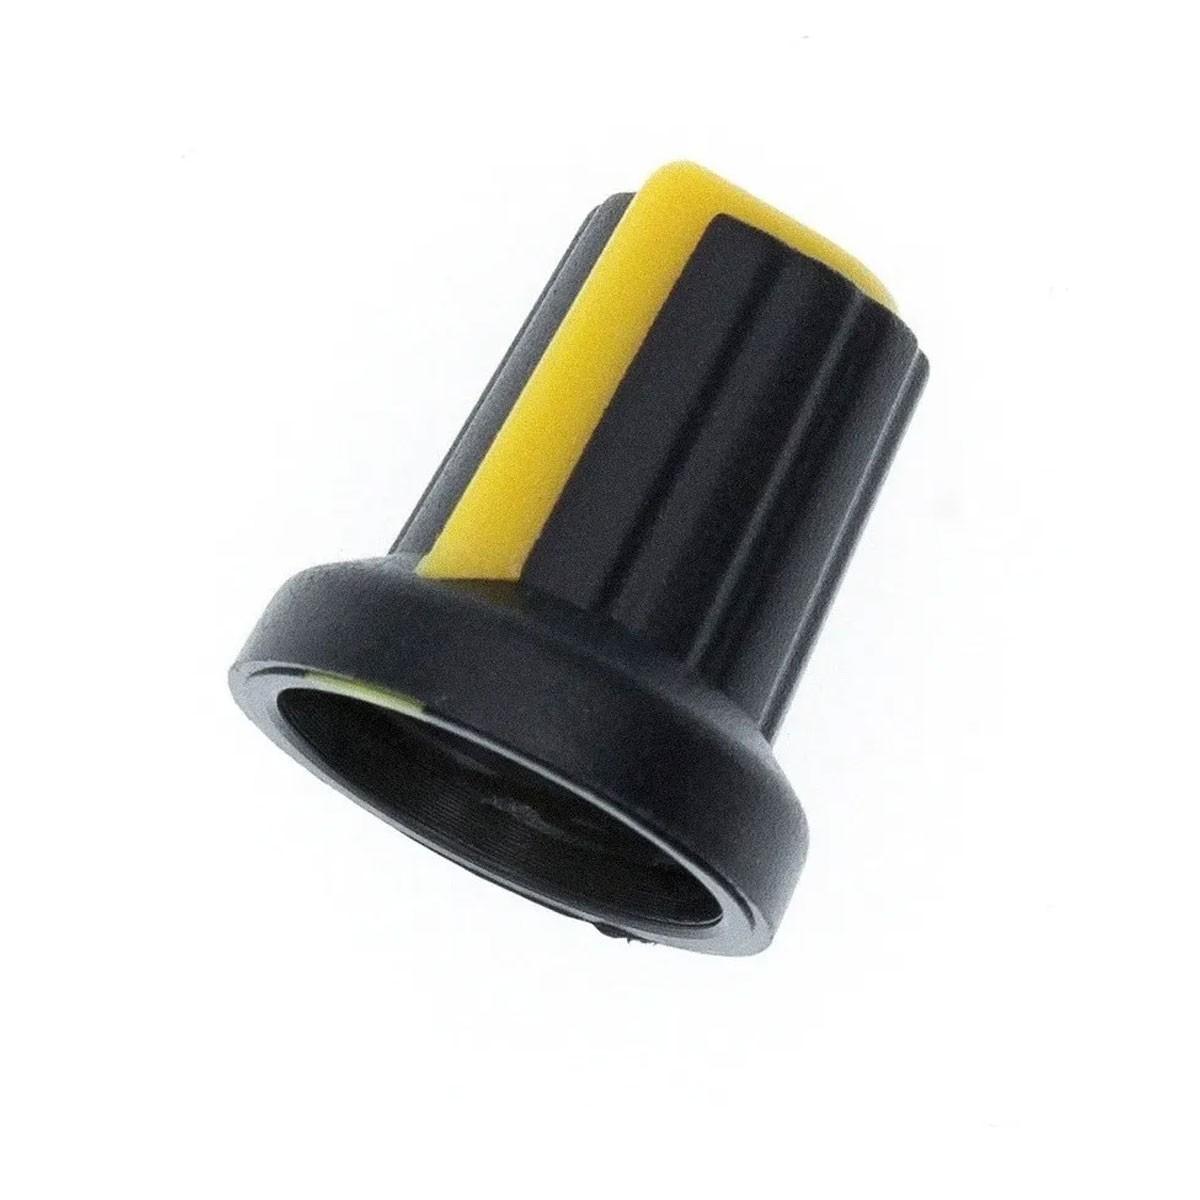 Knob para Potenciômetro Estriado 6mm Botão Volume - Amarelo